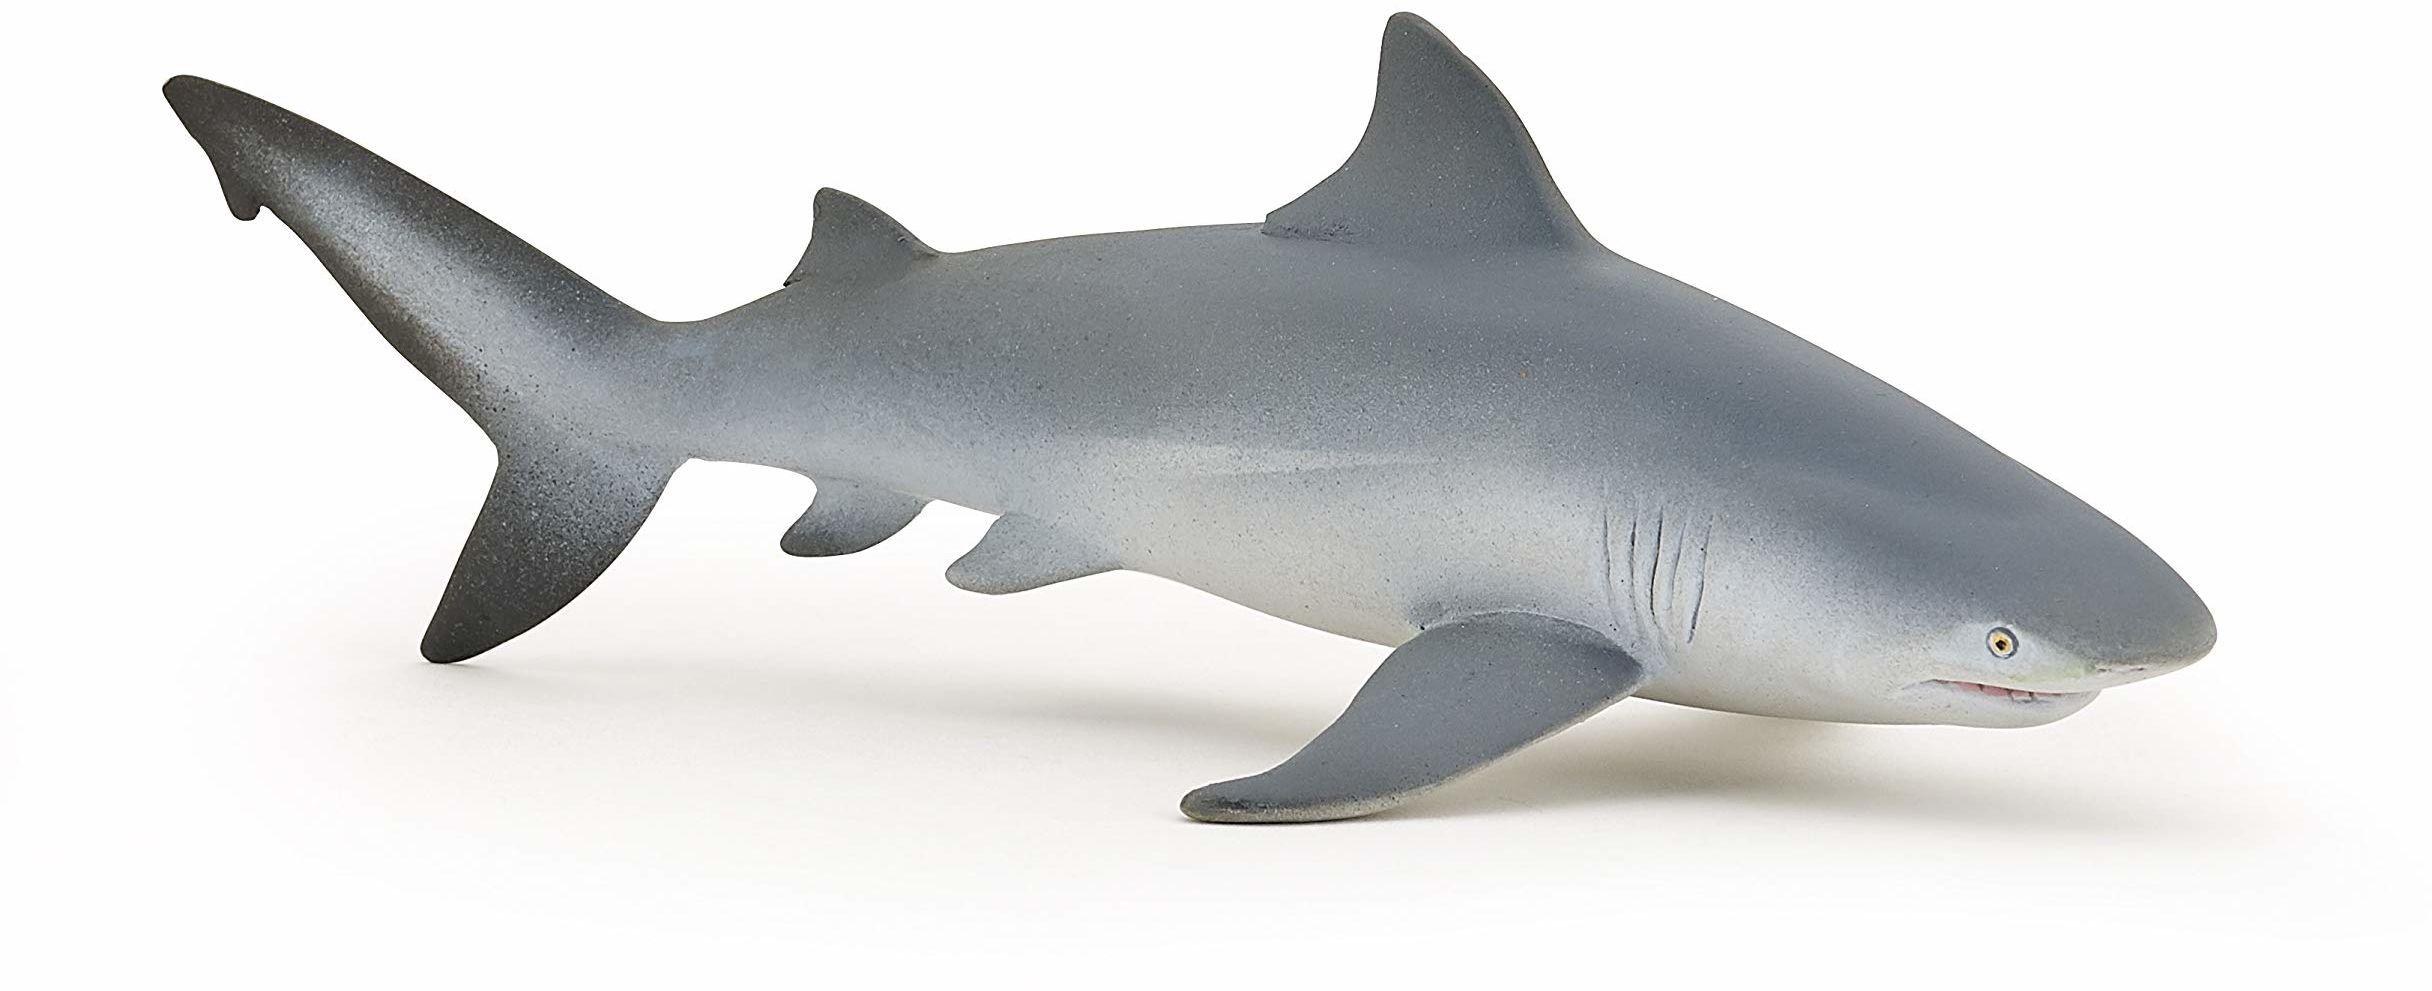 Papo 56044 figurka z żarłiem byka morskim życiem, wielokolorowa